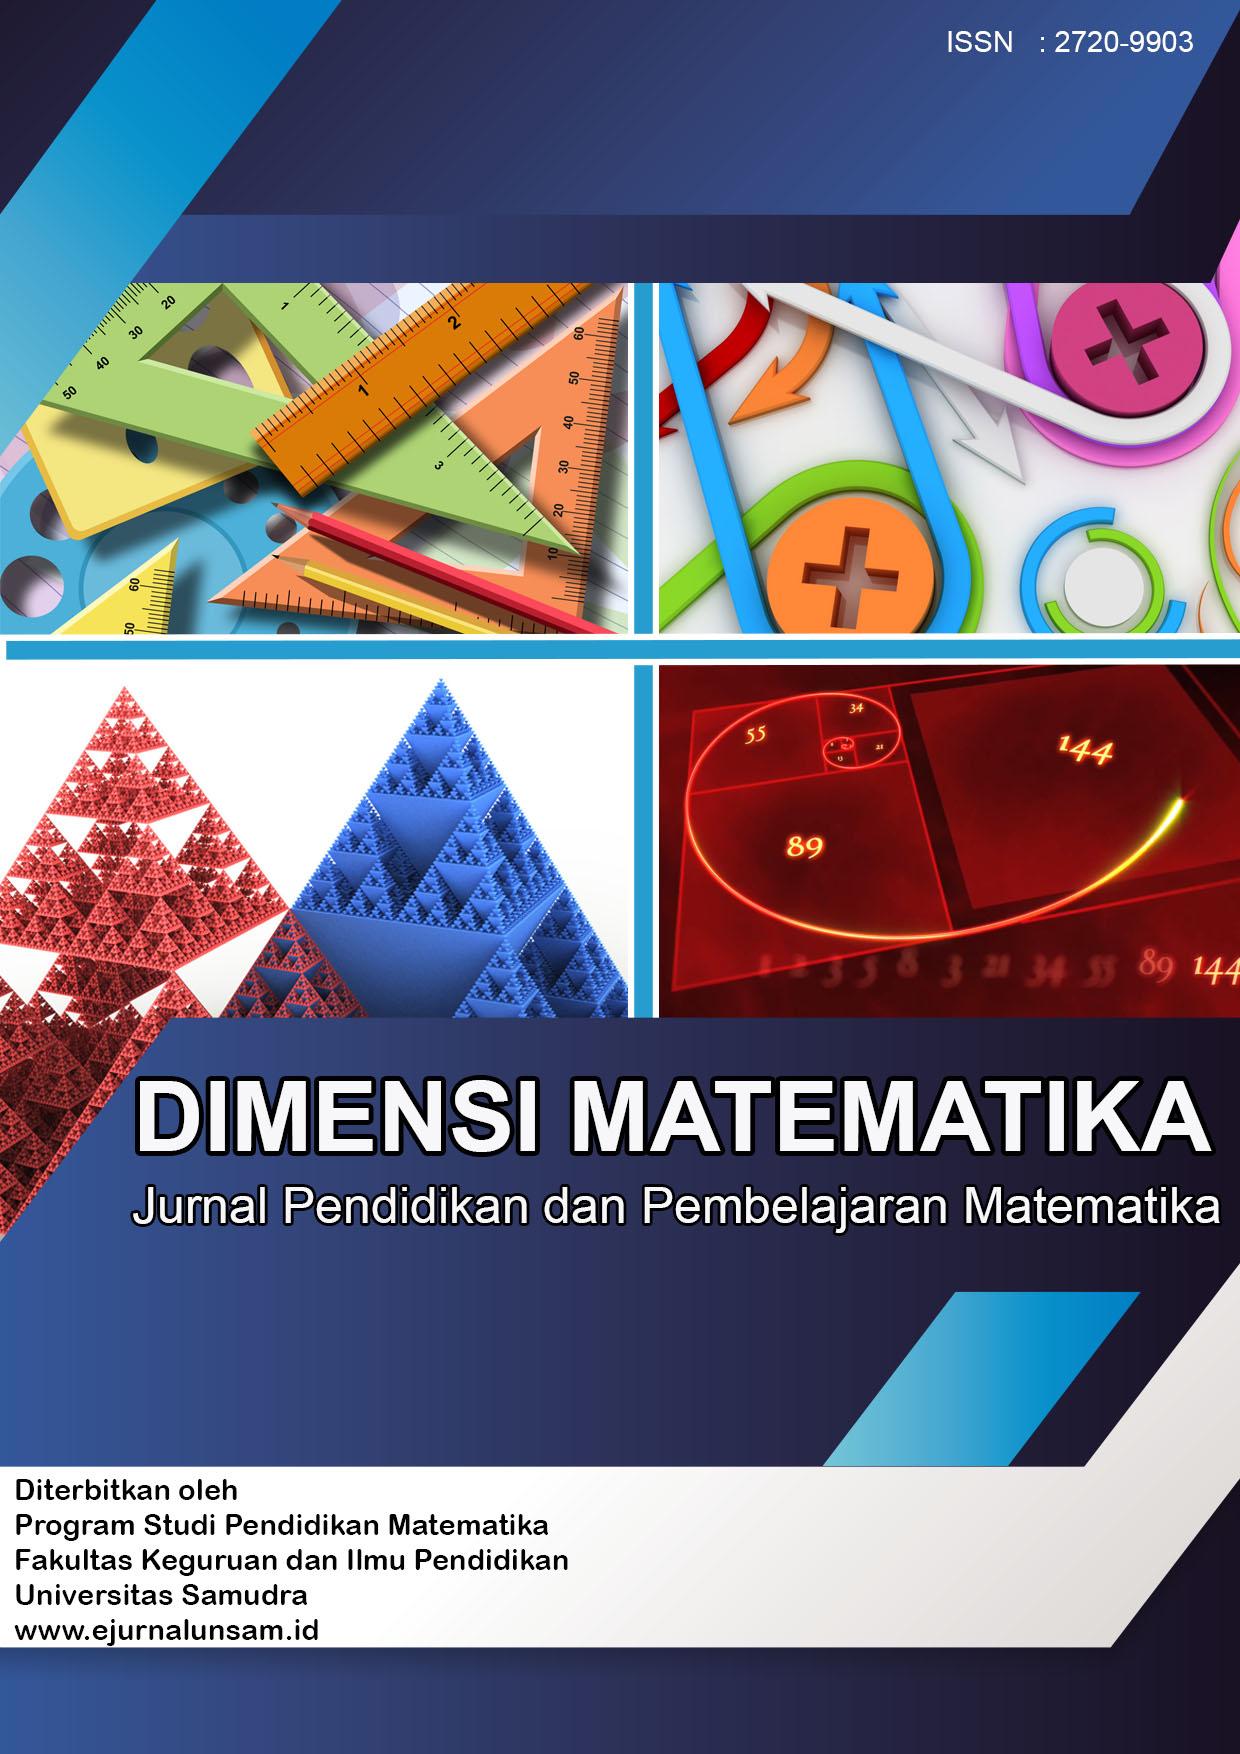 Jurnal Dimansi Matematika